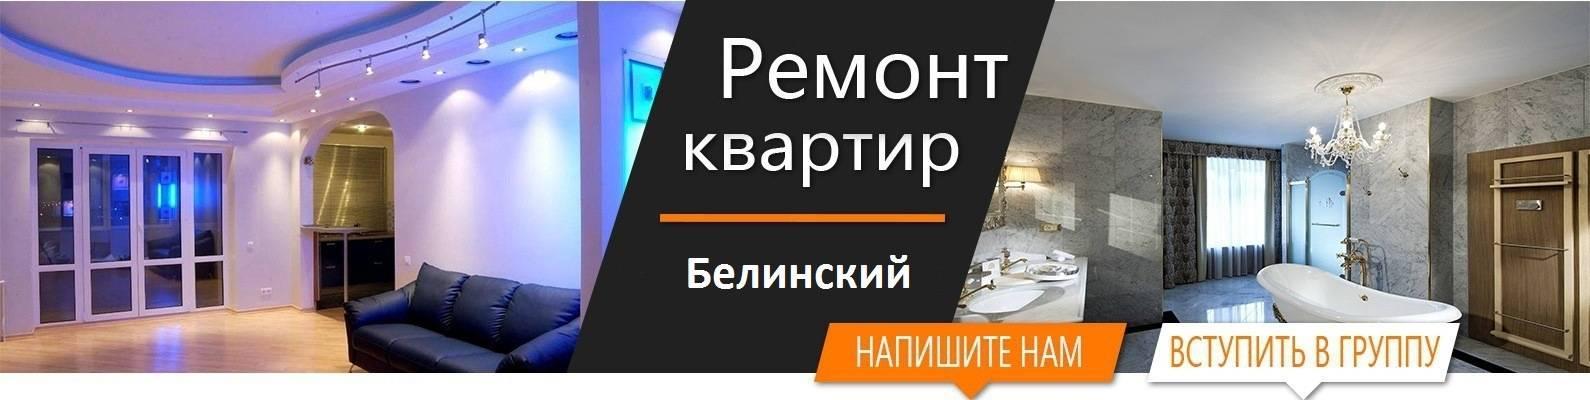 Ремонт квартир в санкт-петербурге – рейтинг лучших компаний, топ 10 фирм